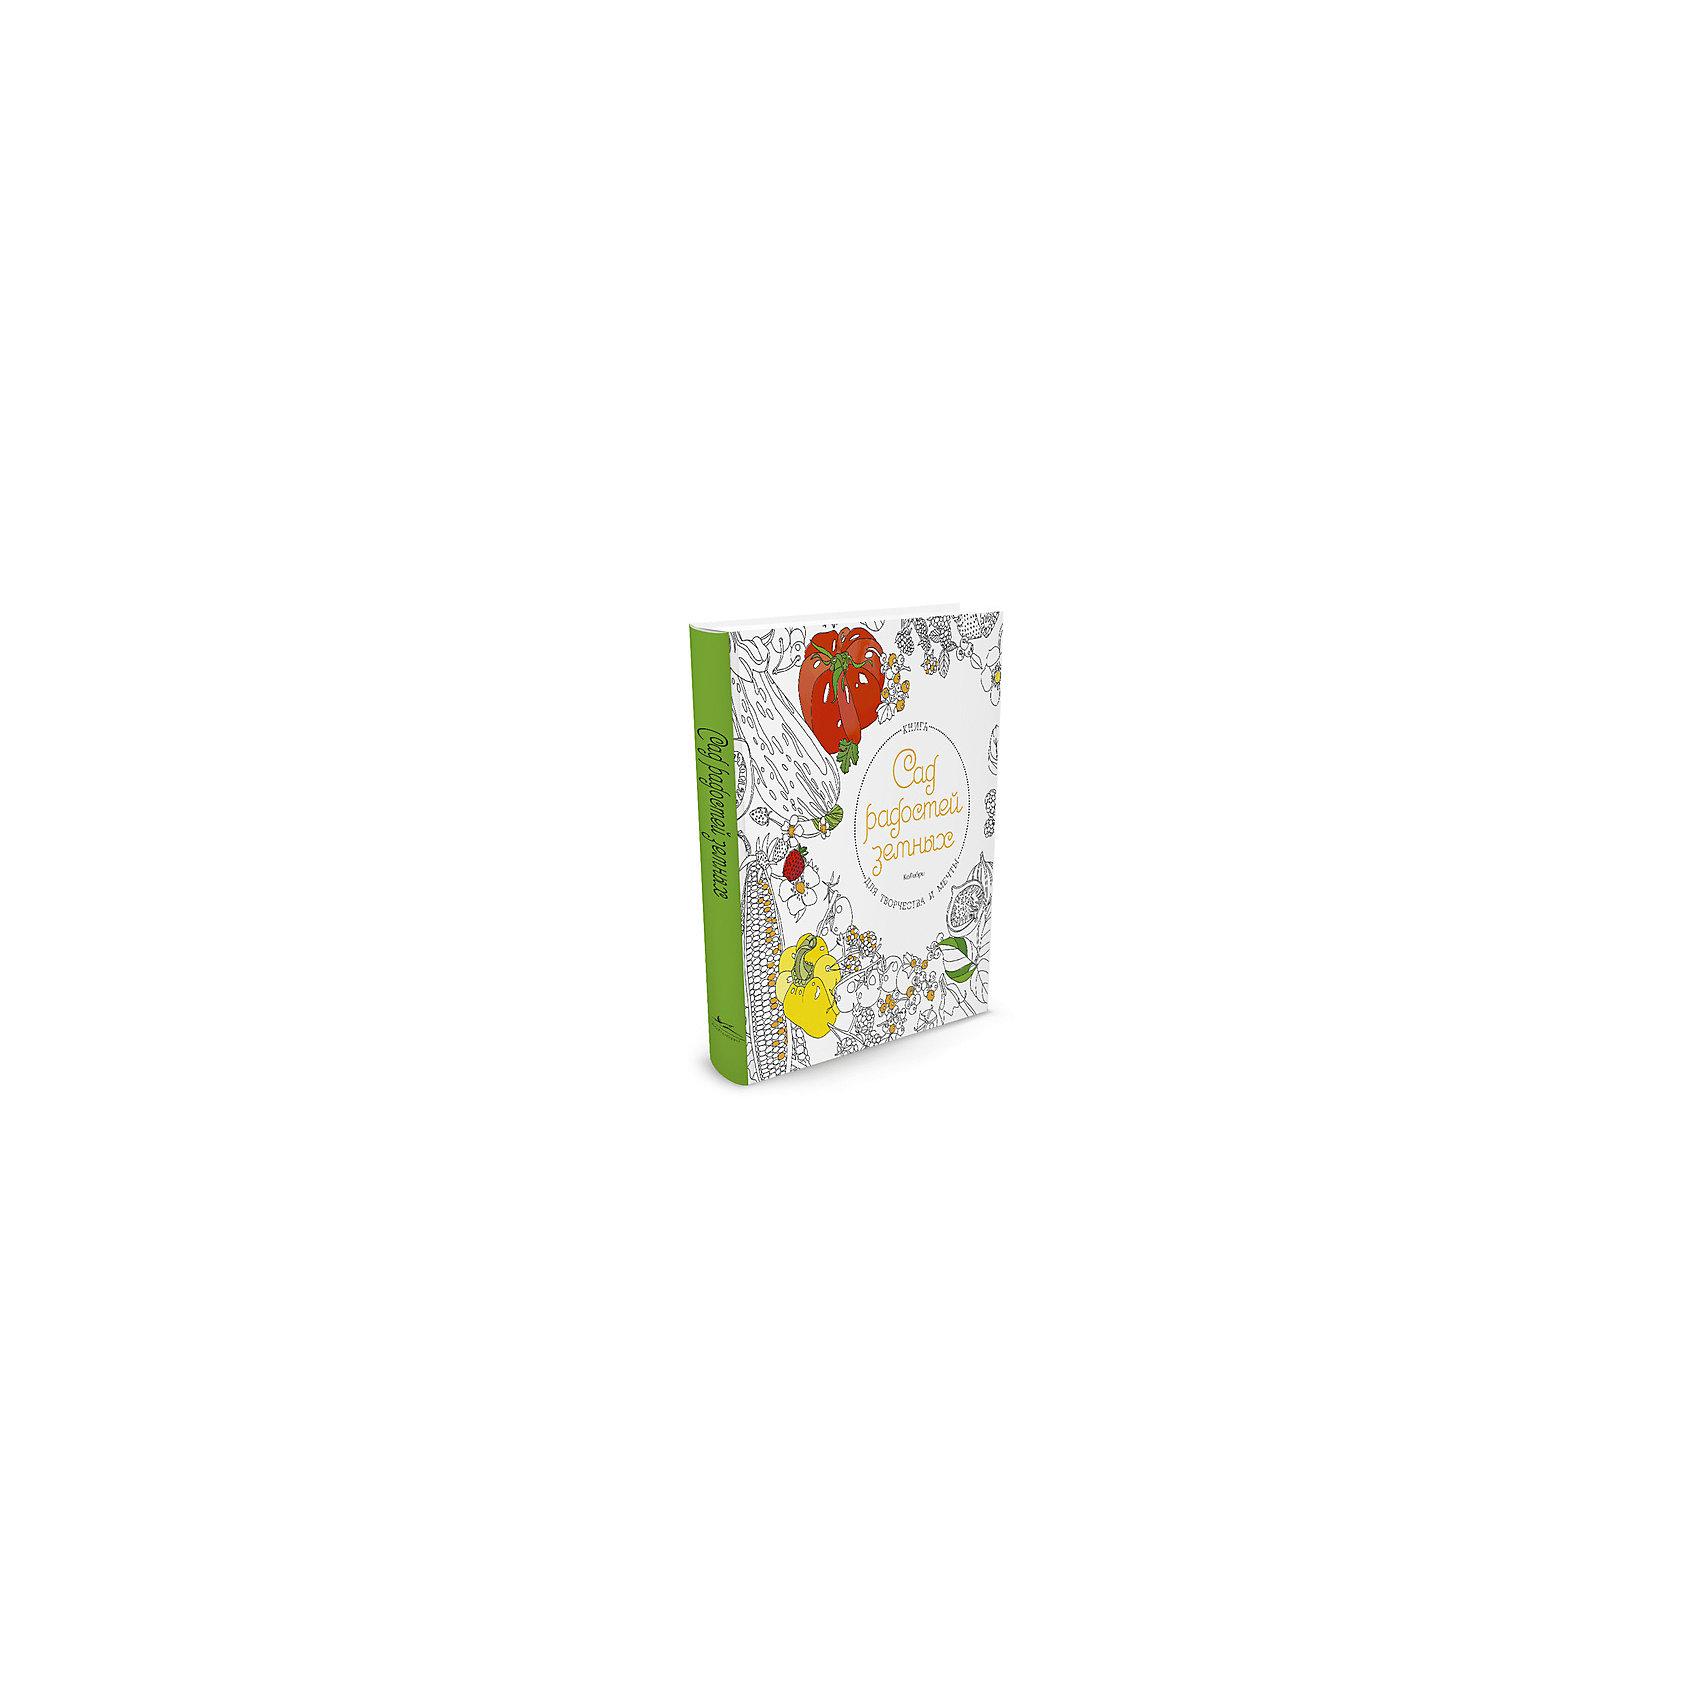 Раскраска-антистресс Сад радостей земных, MACHAONРисование<br>Книга Сад радостей земных.<br><br>Характеристики:<br><br>• Художник: Вайнер Джесси Кэнелос<br>• Редактор: Фесенко О. Г.<br>• Издательство: КоЛибри<br>• Тип обложки: 7Б - твердая (плотная бумага или картон)<br>• Оформление: тиснение золотом, частичная лакировка<br>• Иллюстрации: черно-белые<br>• Количество страниц: 96 (офсет)<br>• Размер: 258x237х11 мм.<br>• Вес: 583 гр.<br>• ISBN: 9785389109278<br><br>Воплощенное счастье. Радостная умиротворенность. Релаксация. Антистресс. Вдохновение. Невероятные цветы, дивные овощи, спелые фрукты, переплетаясь в волшебные узоры, оживают под вашей рукой. Прочь, грусть и депрессия! Мир роскошен и соблазнителен. «Сад радостей земных» - божественный восторг созидания. Джесси Вайнер – успешная художница. Она знаменита своими акварелями и графикой. Среди многочисленных клиентов Джесс - NESPRESSO и Google, ее работы – украшение международных выставок и изданий по стилю.<br><br>Книгу Сад радостей земных можно купить в нашем интернет-магазине.<br><br>Ширина мм: 258<br>Глубина мм: 237<br>Высота мм: 110<br>Вес г: 583<br>Возраст от месяцев: 144<br>Возраст до месяцев: 2147483647<br>Пол: Унисекс<br>Возраст: Детский<br>SKU: 5493535